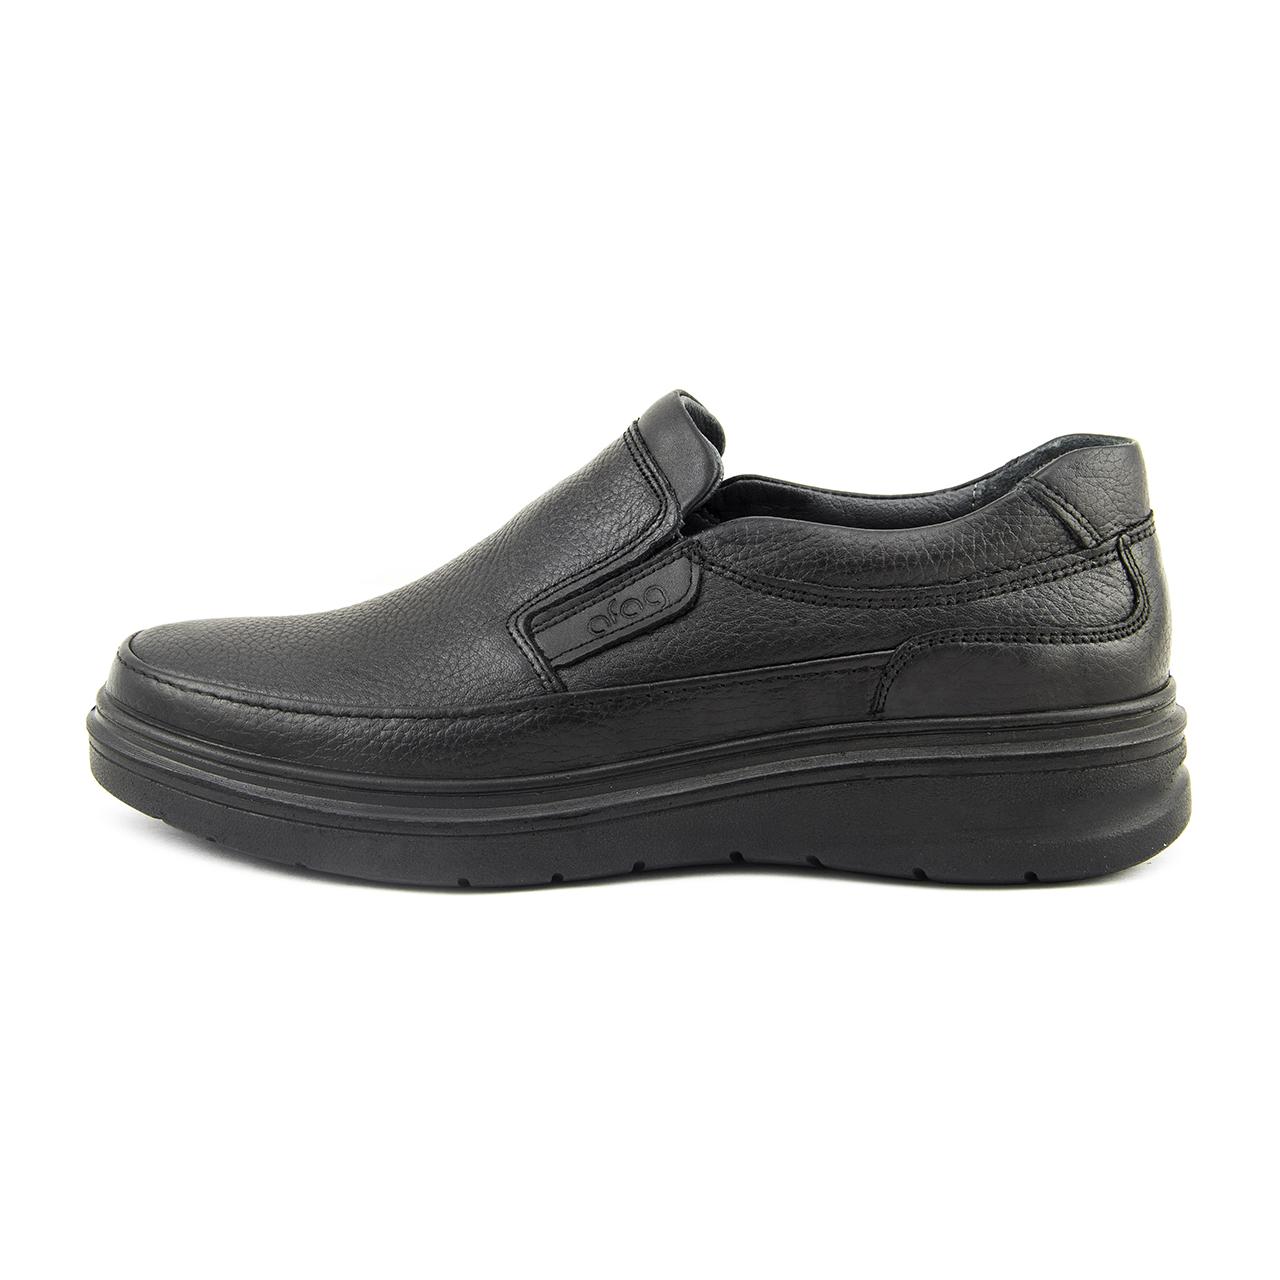 کفش مردانه آفاق کد 721